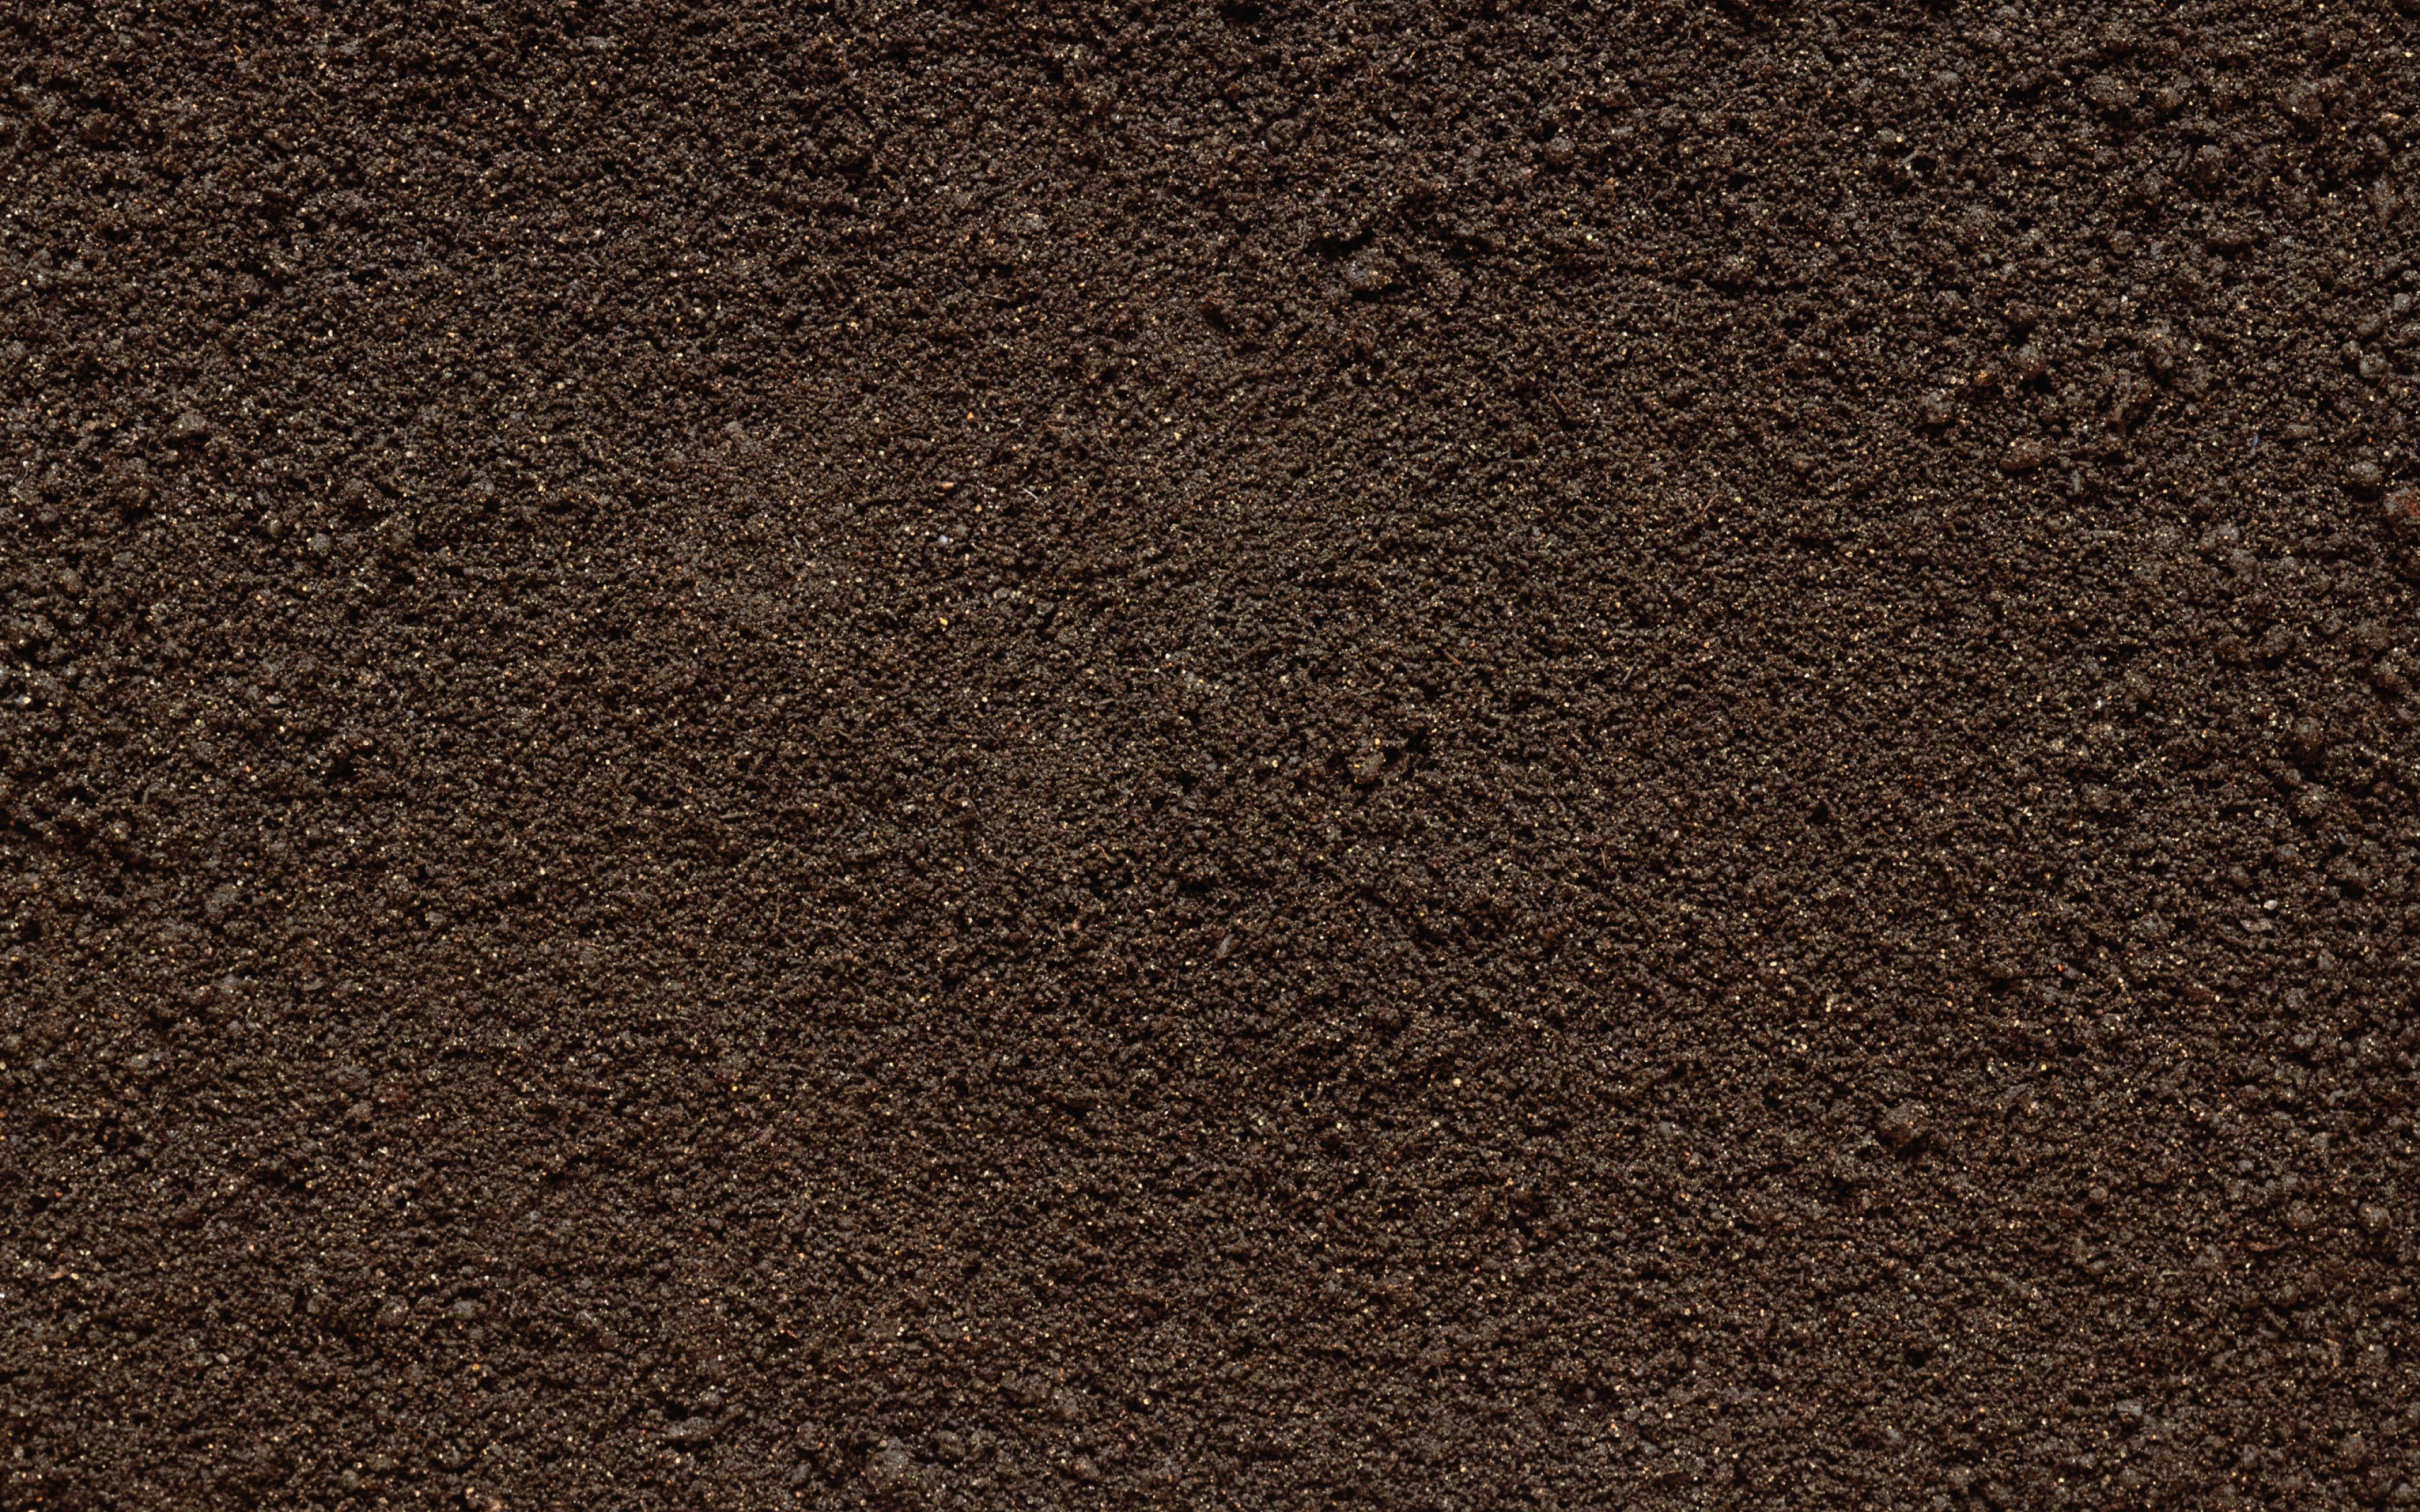 Free Photo Soil Texture